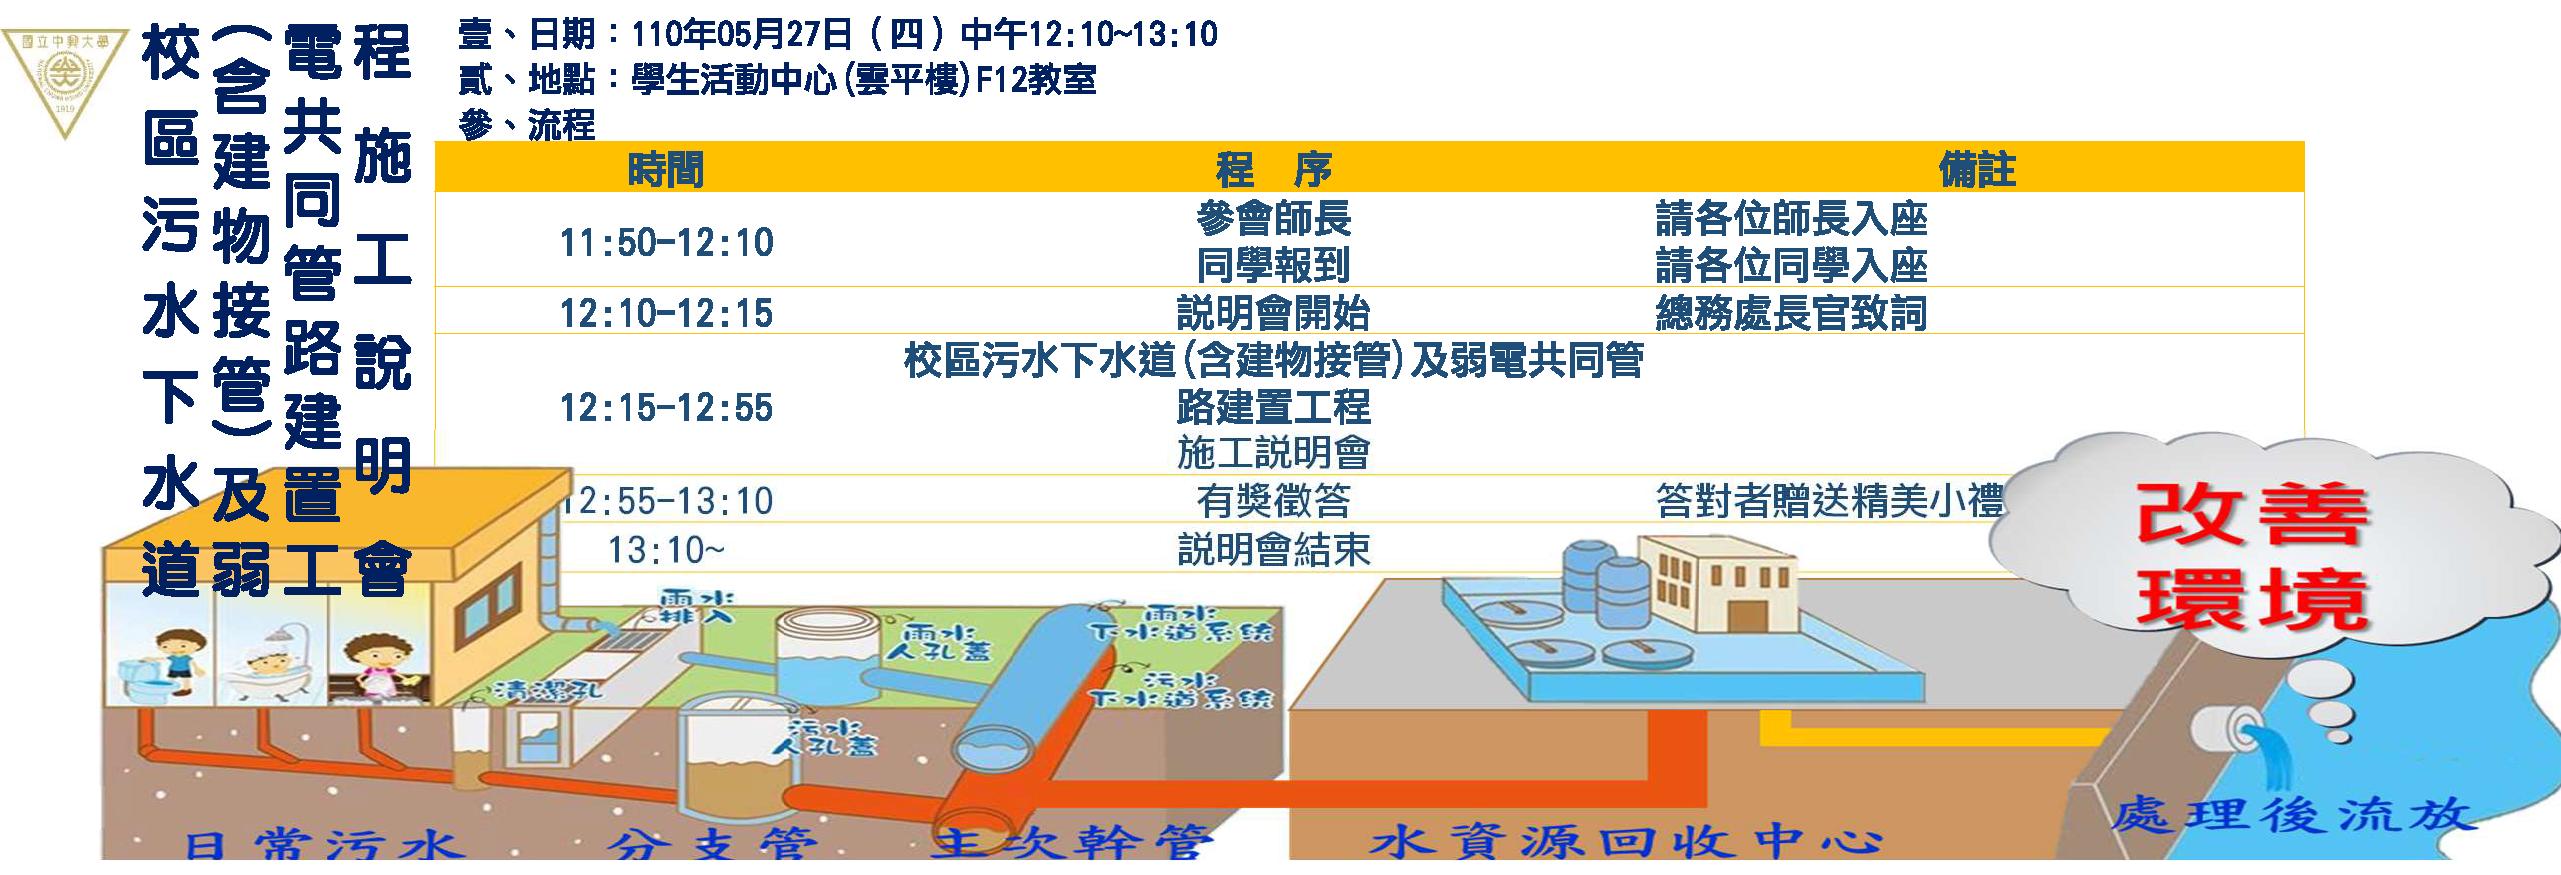 1100527 校區污水下水道(含建物接管)及弱電共同管路建置工程施工說明會